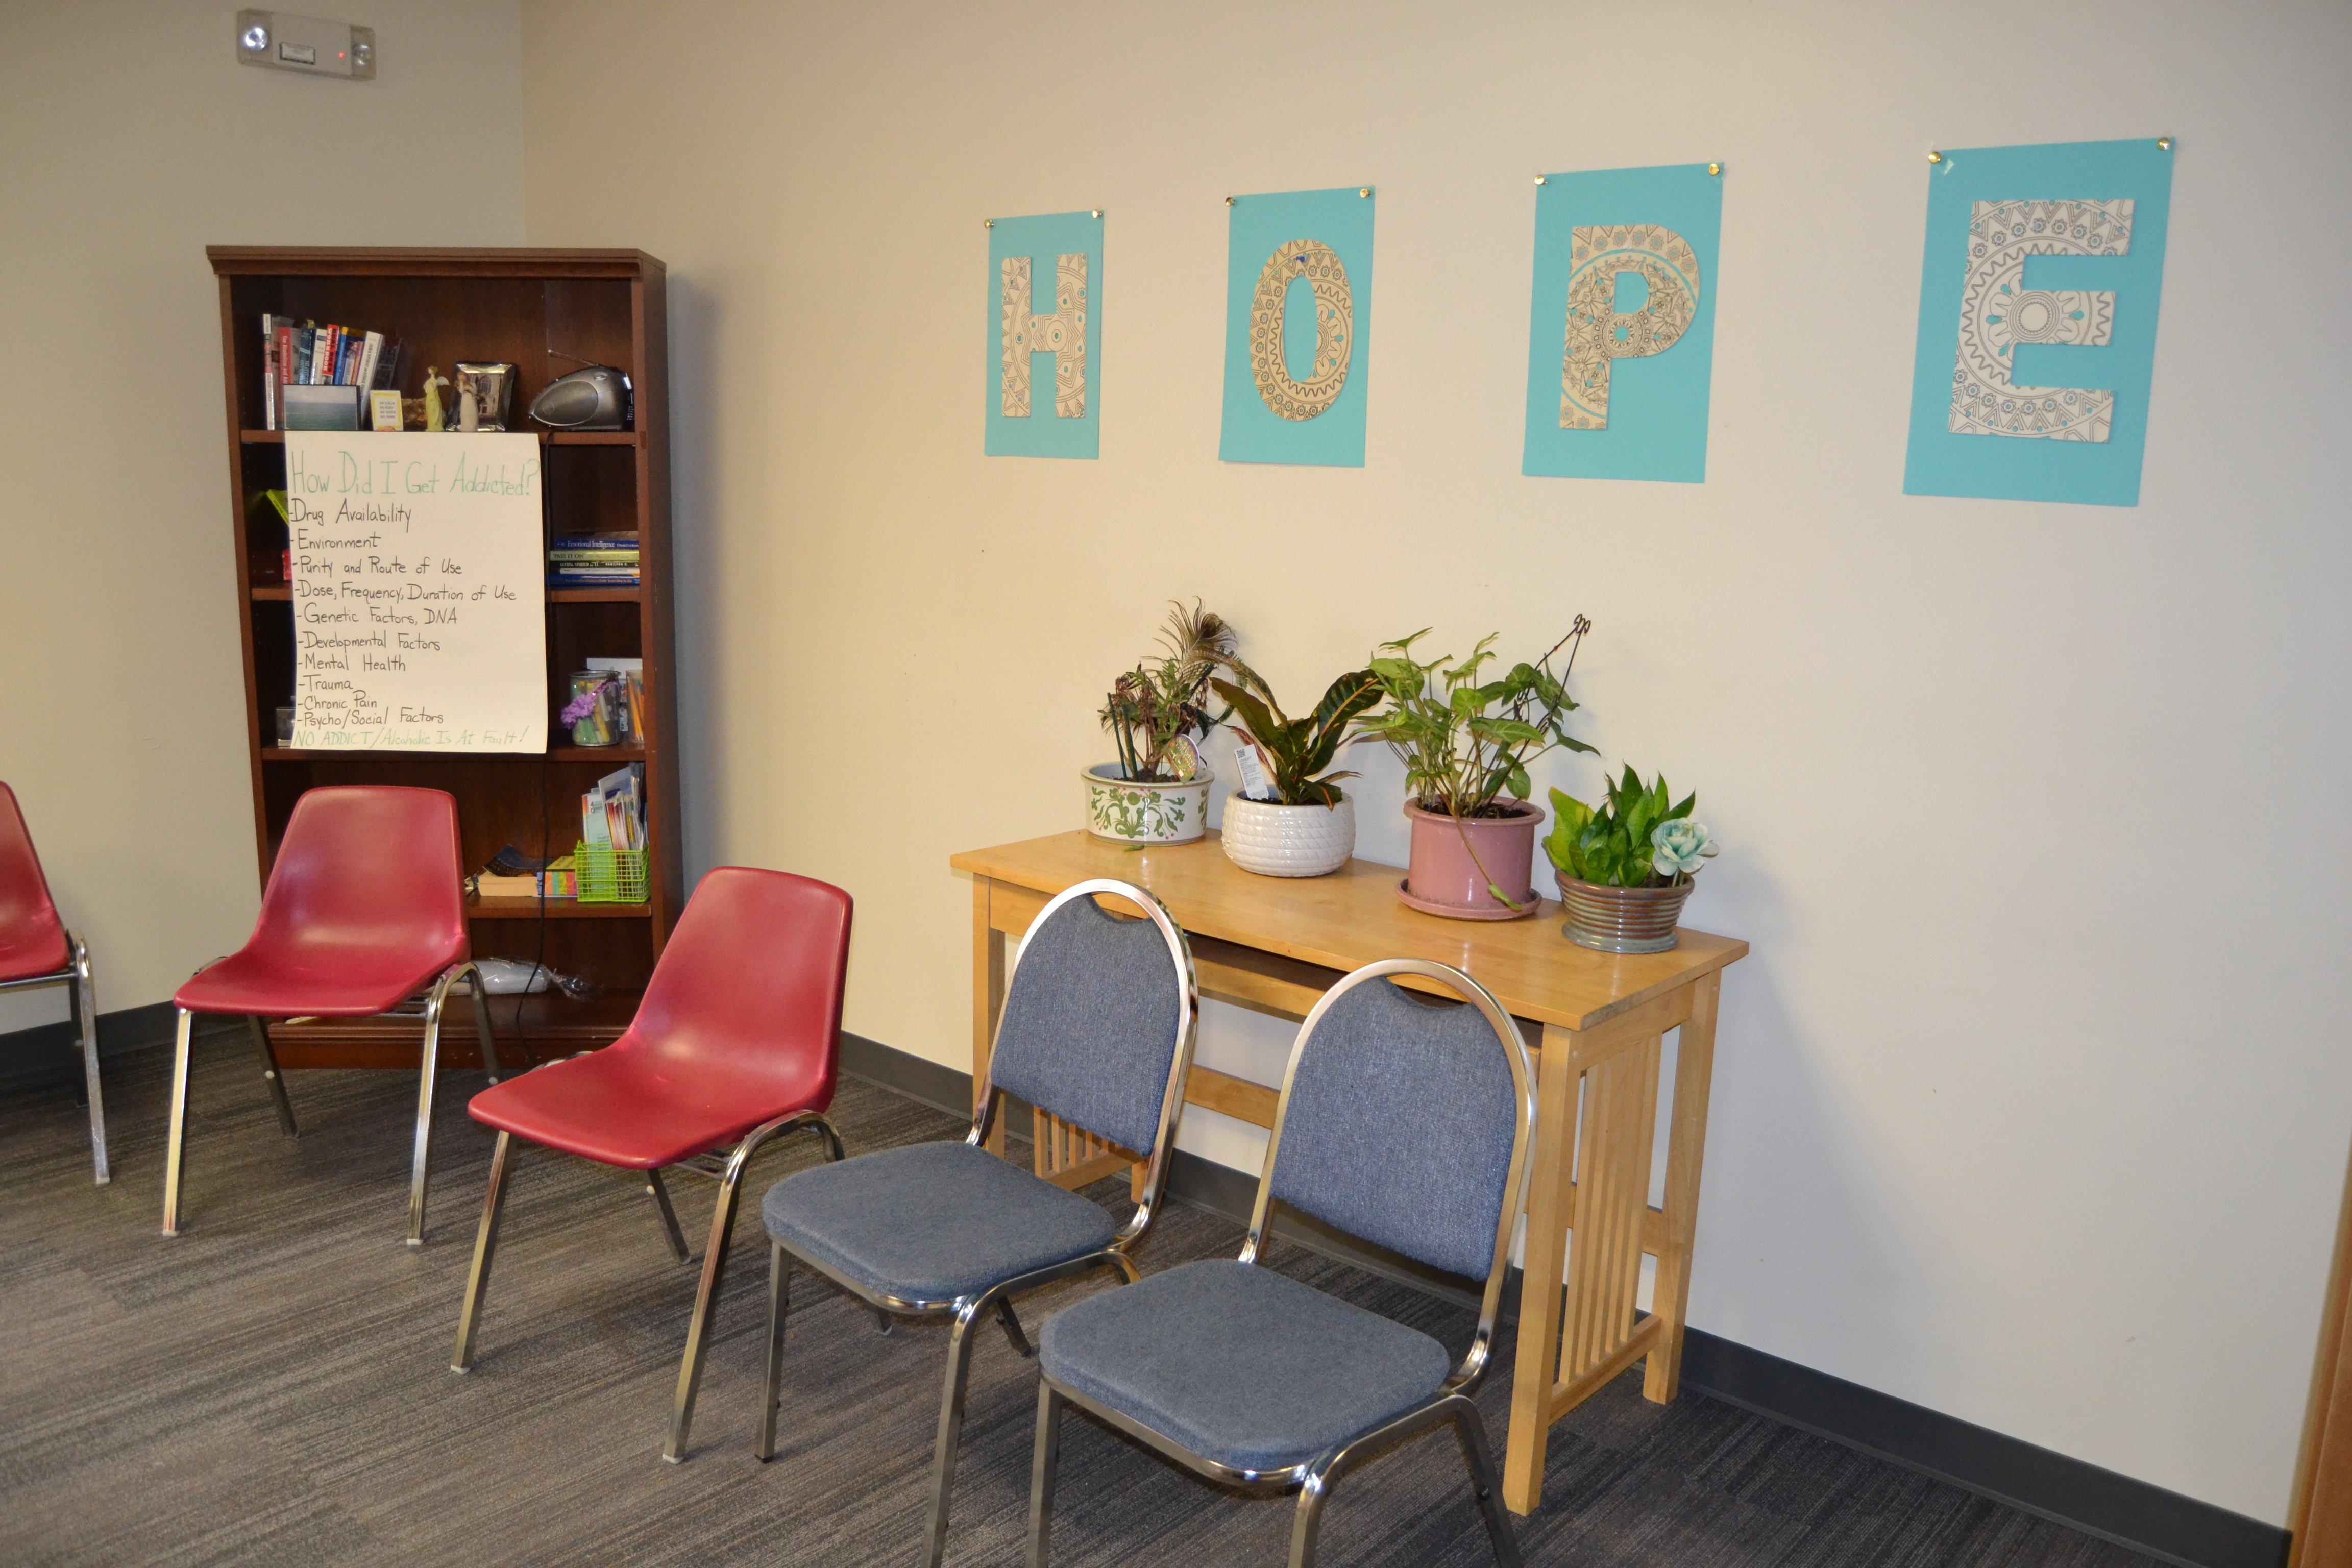 group meeting room in Seafield rehab facility - Amityville NY